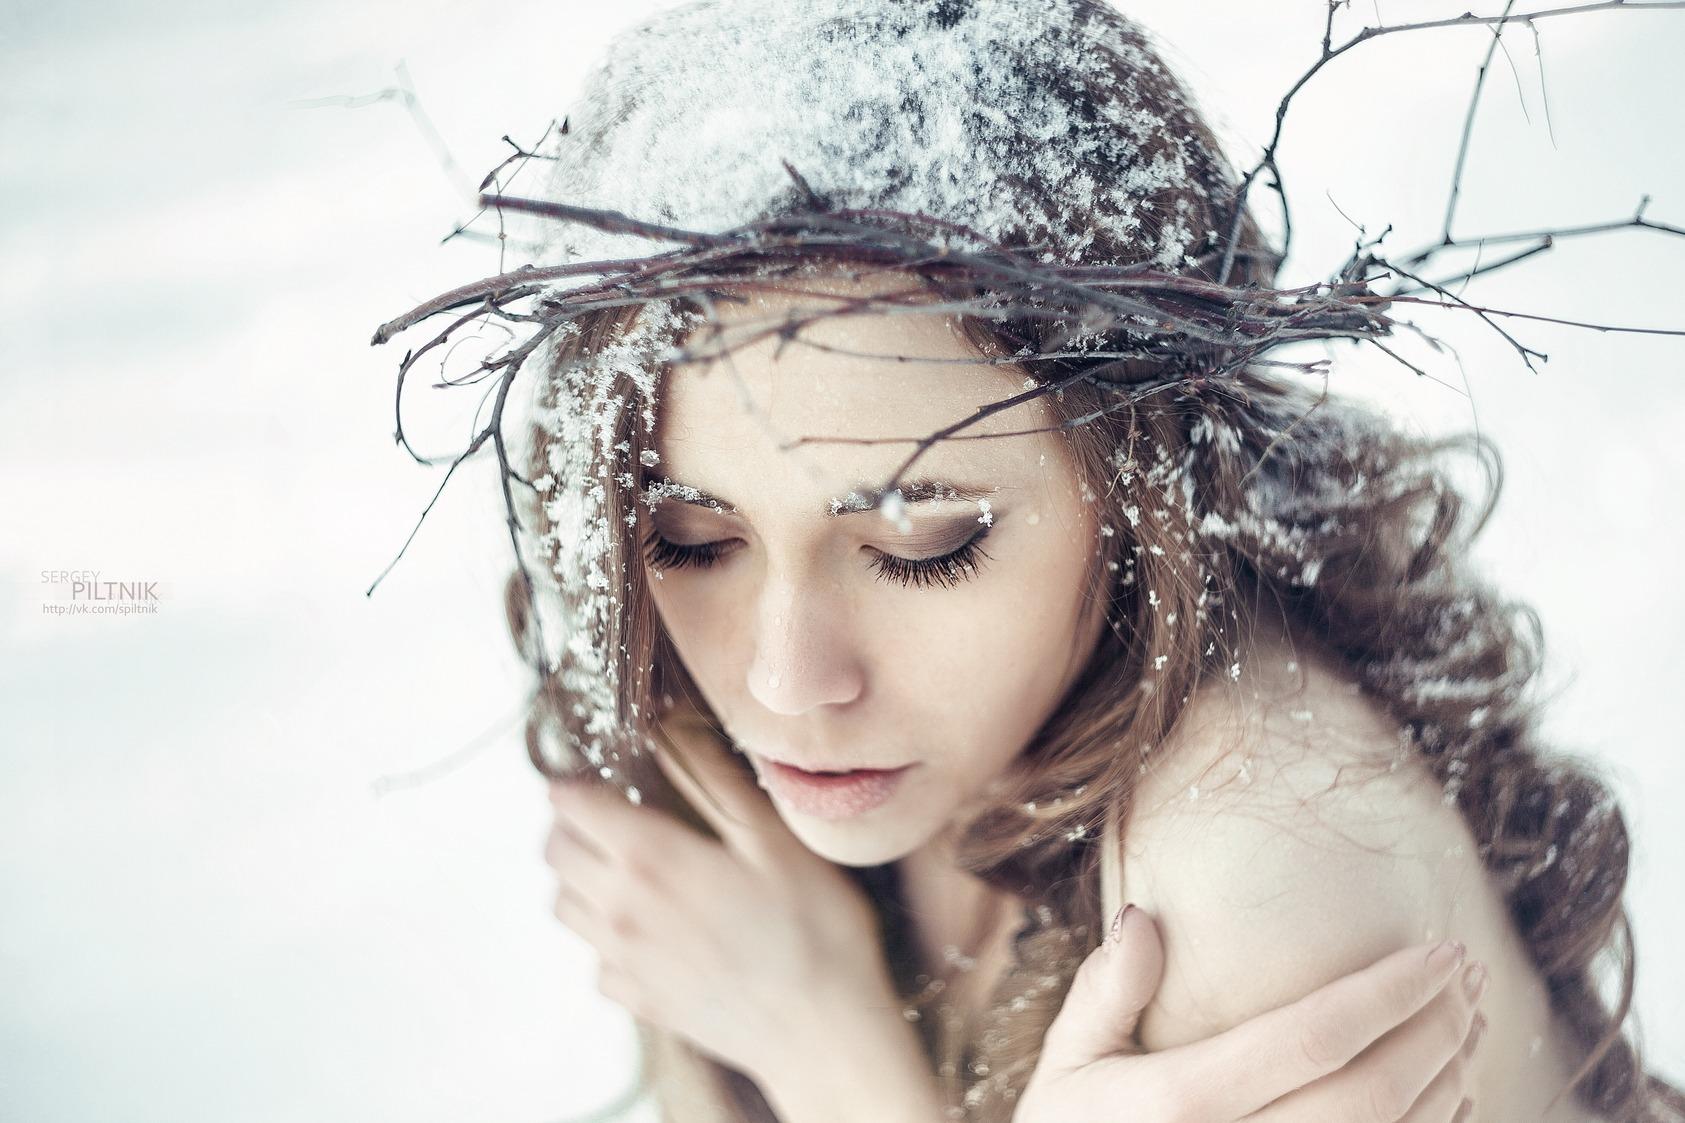 Холодно я замерзла картинки